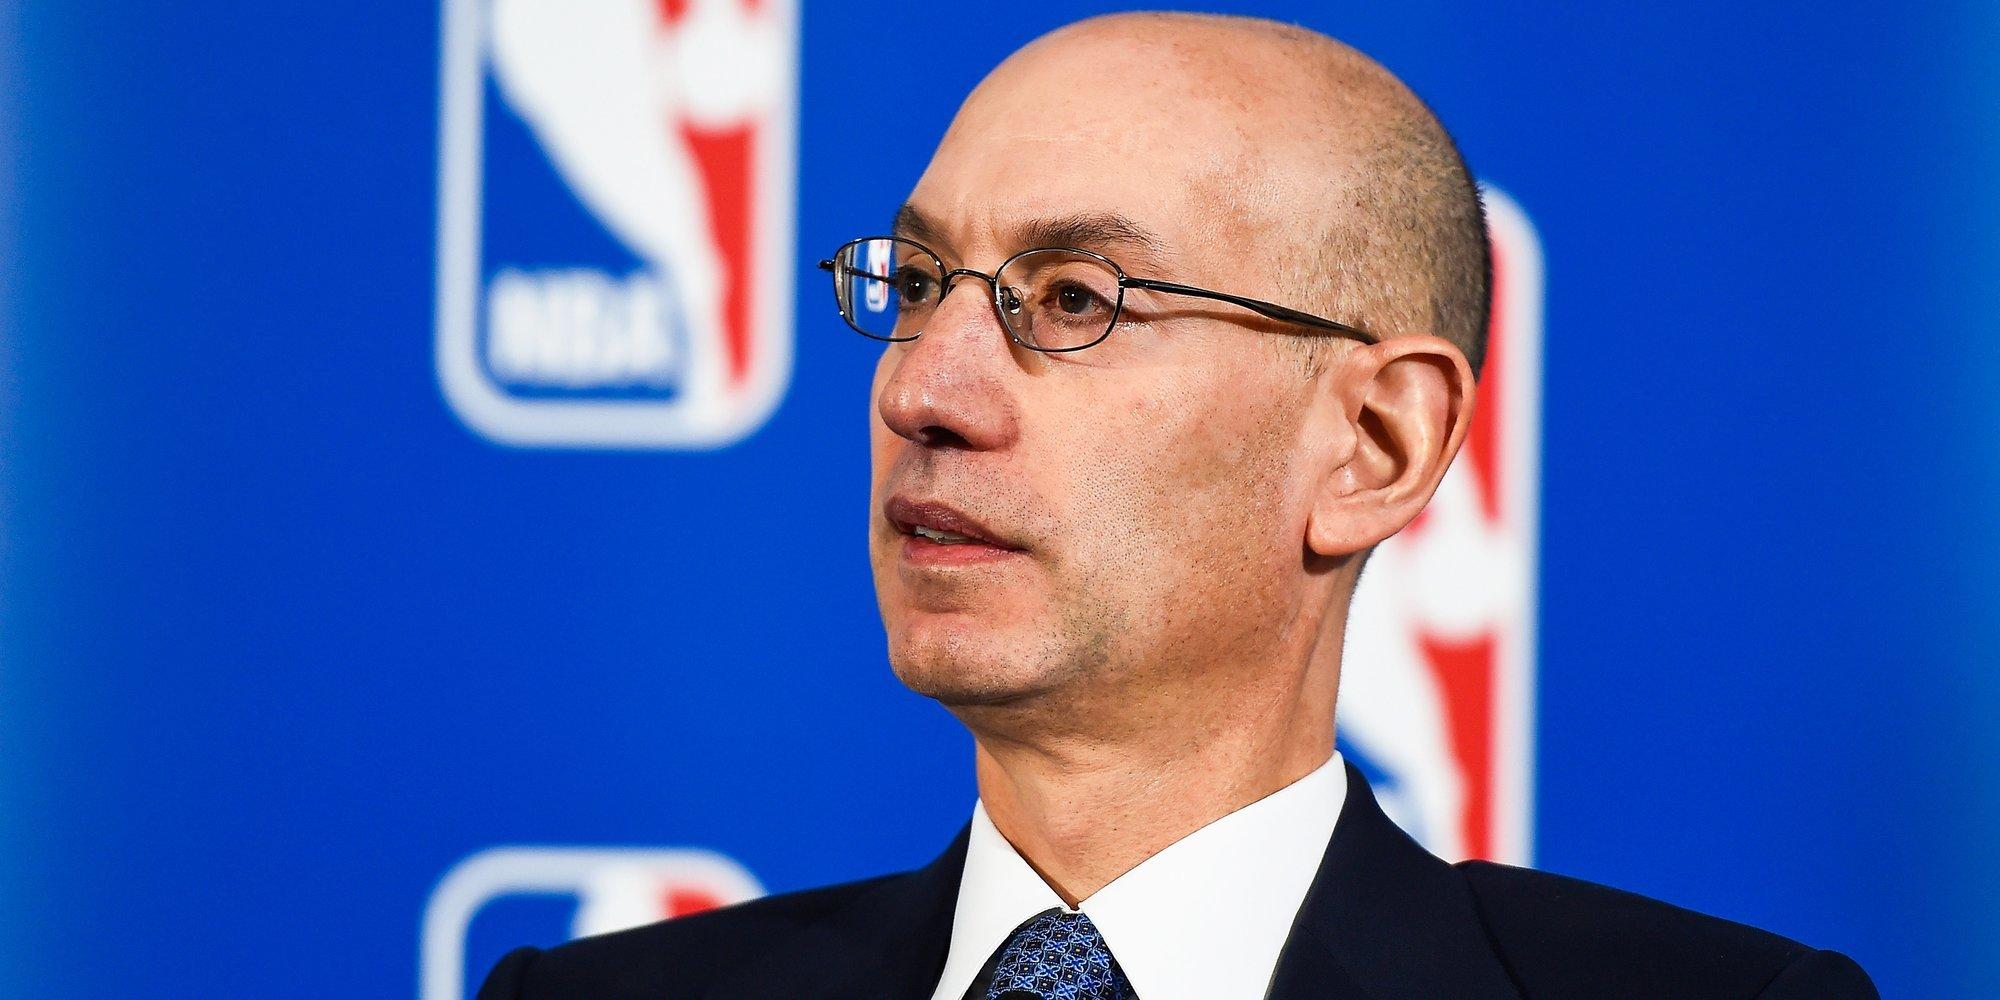 Сильвер и его пропащее сокровище. Почему НБА стремительно деградирует?